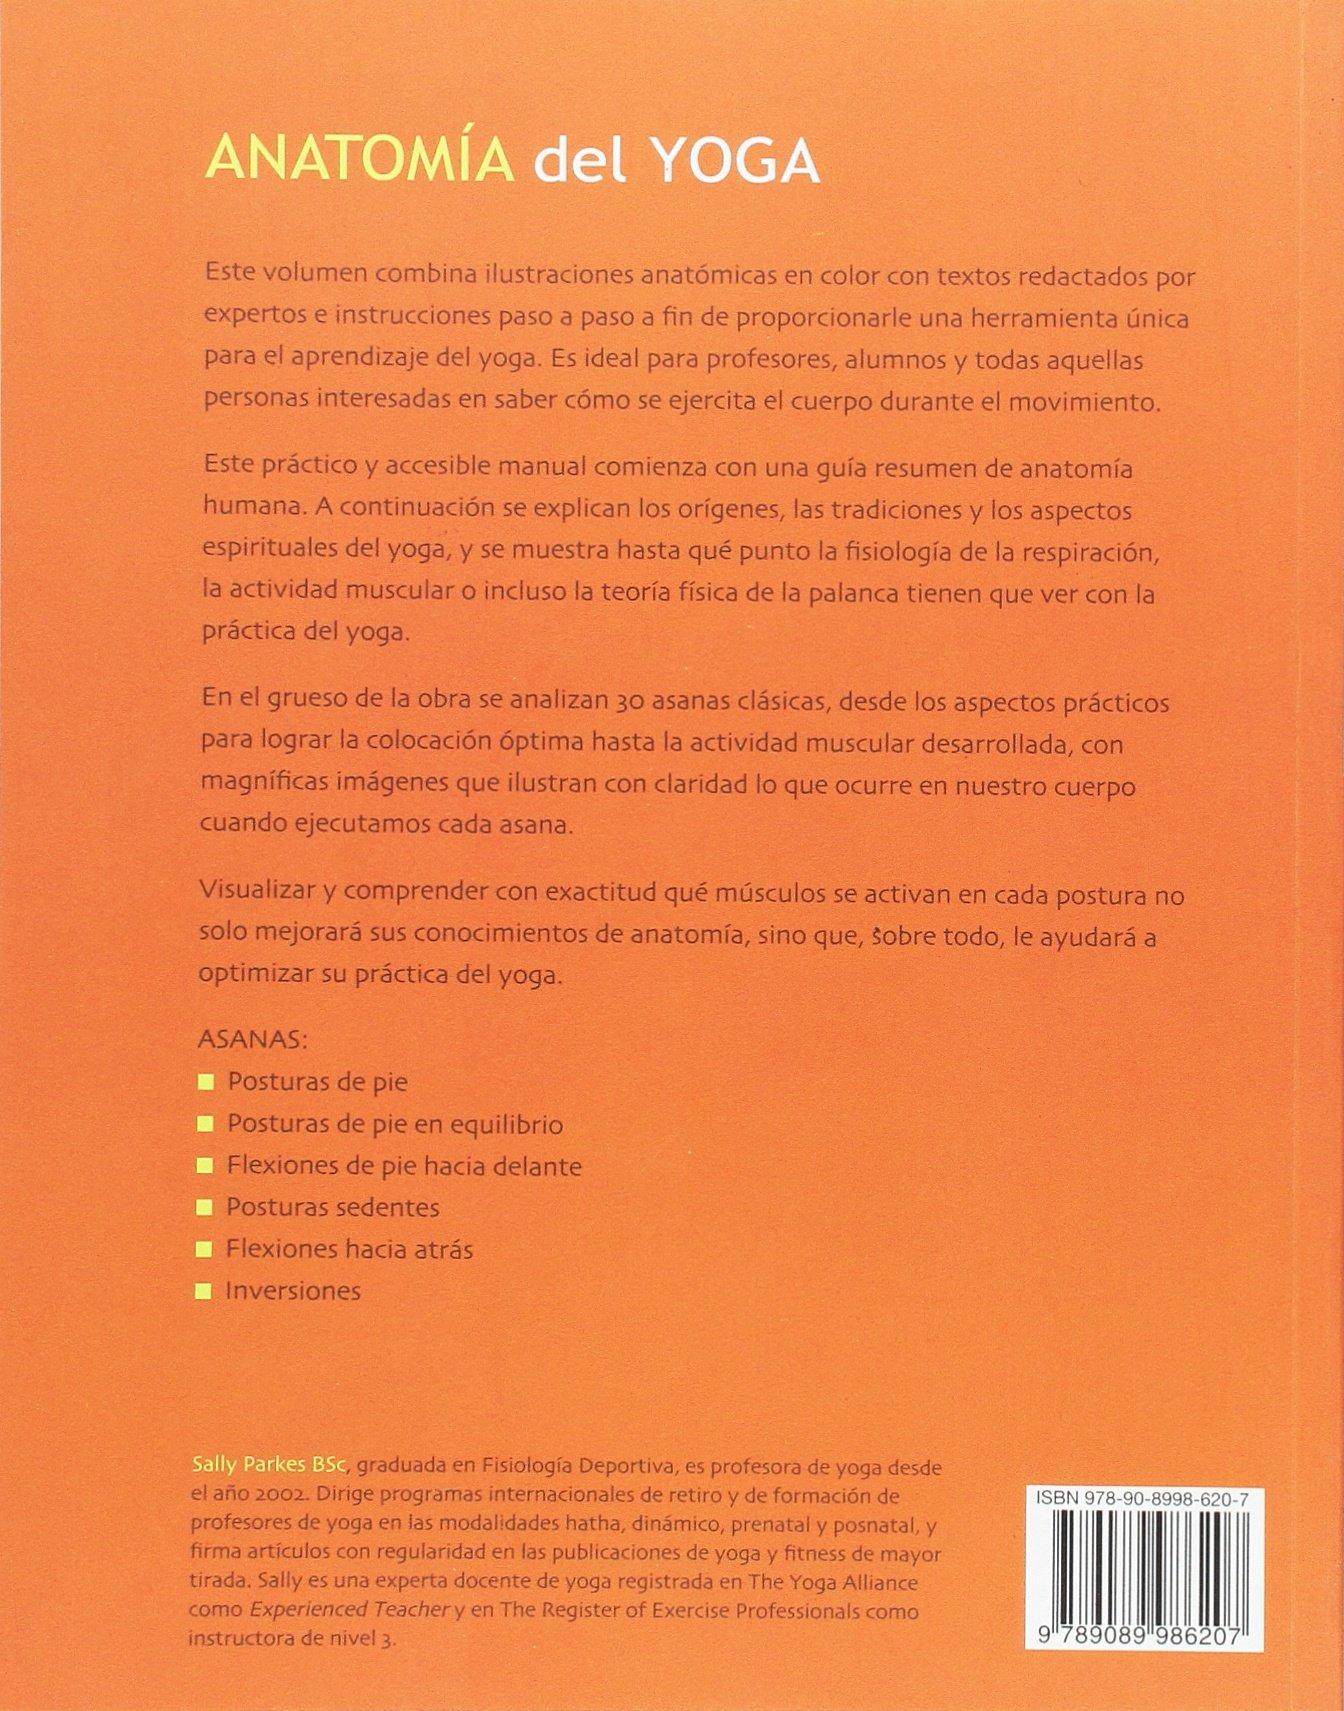 Anatomía del yoga: Varios: 9789089986207: Amazon.com: Books